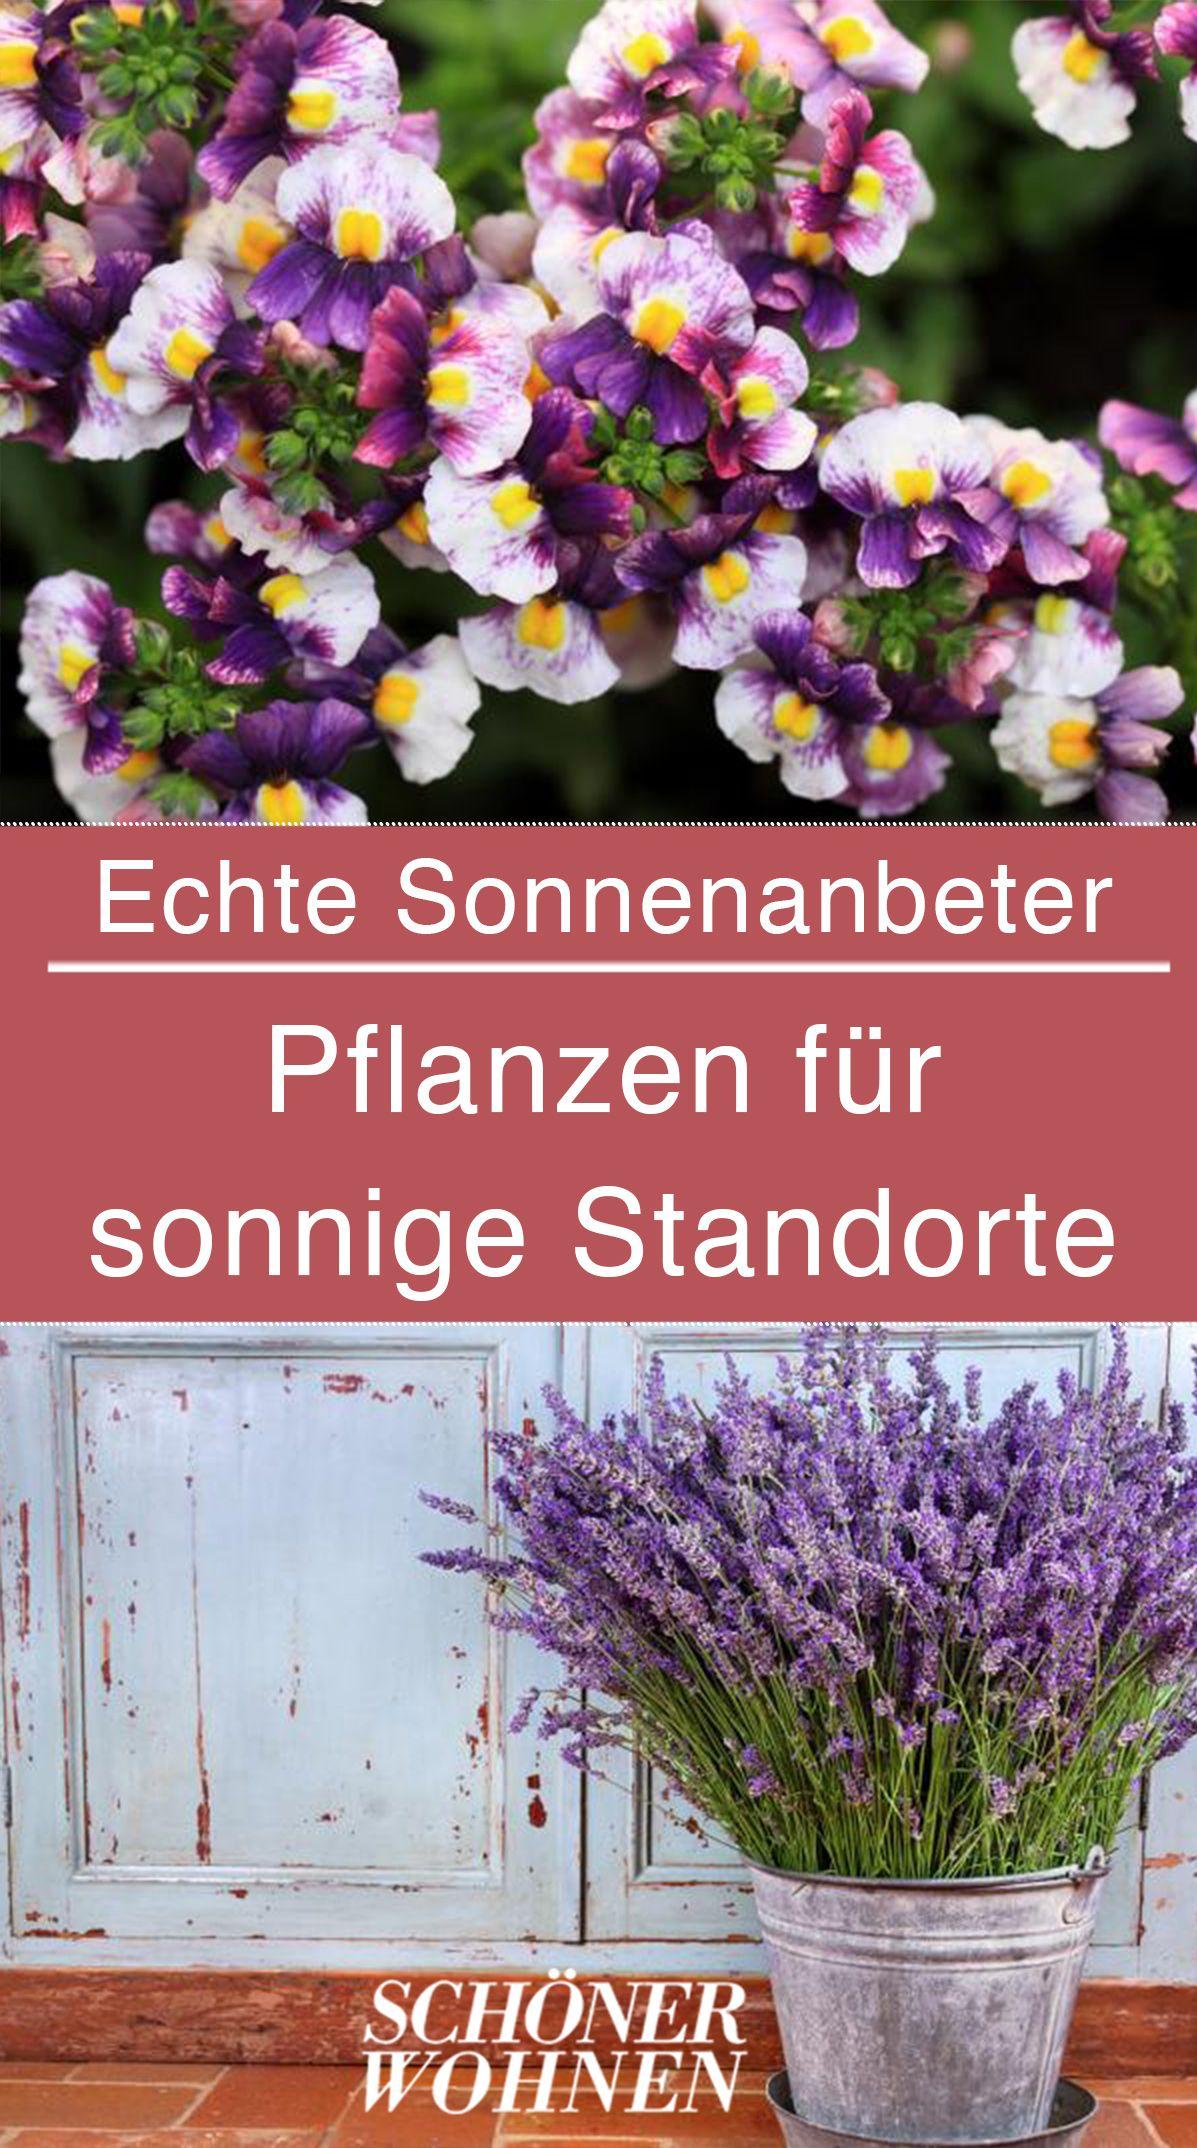 Balkonpflanzen Die S Sonnig Mogen Pflanzen Fur Sudbalkon